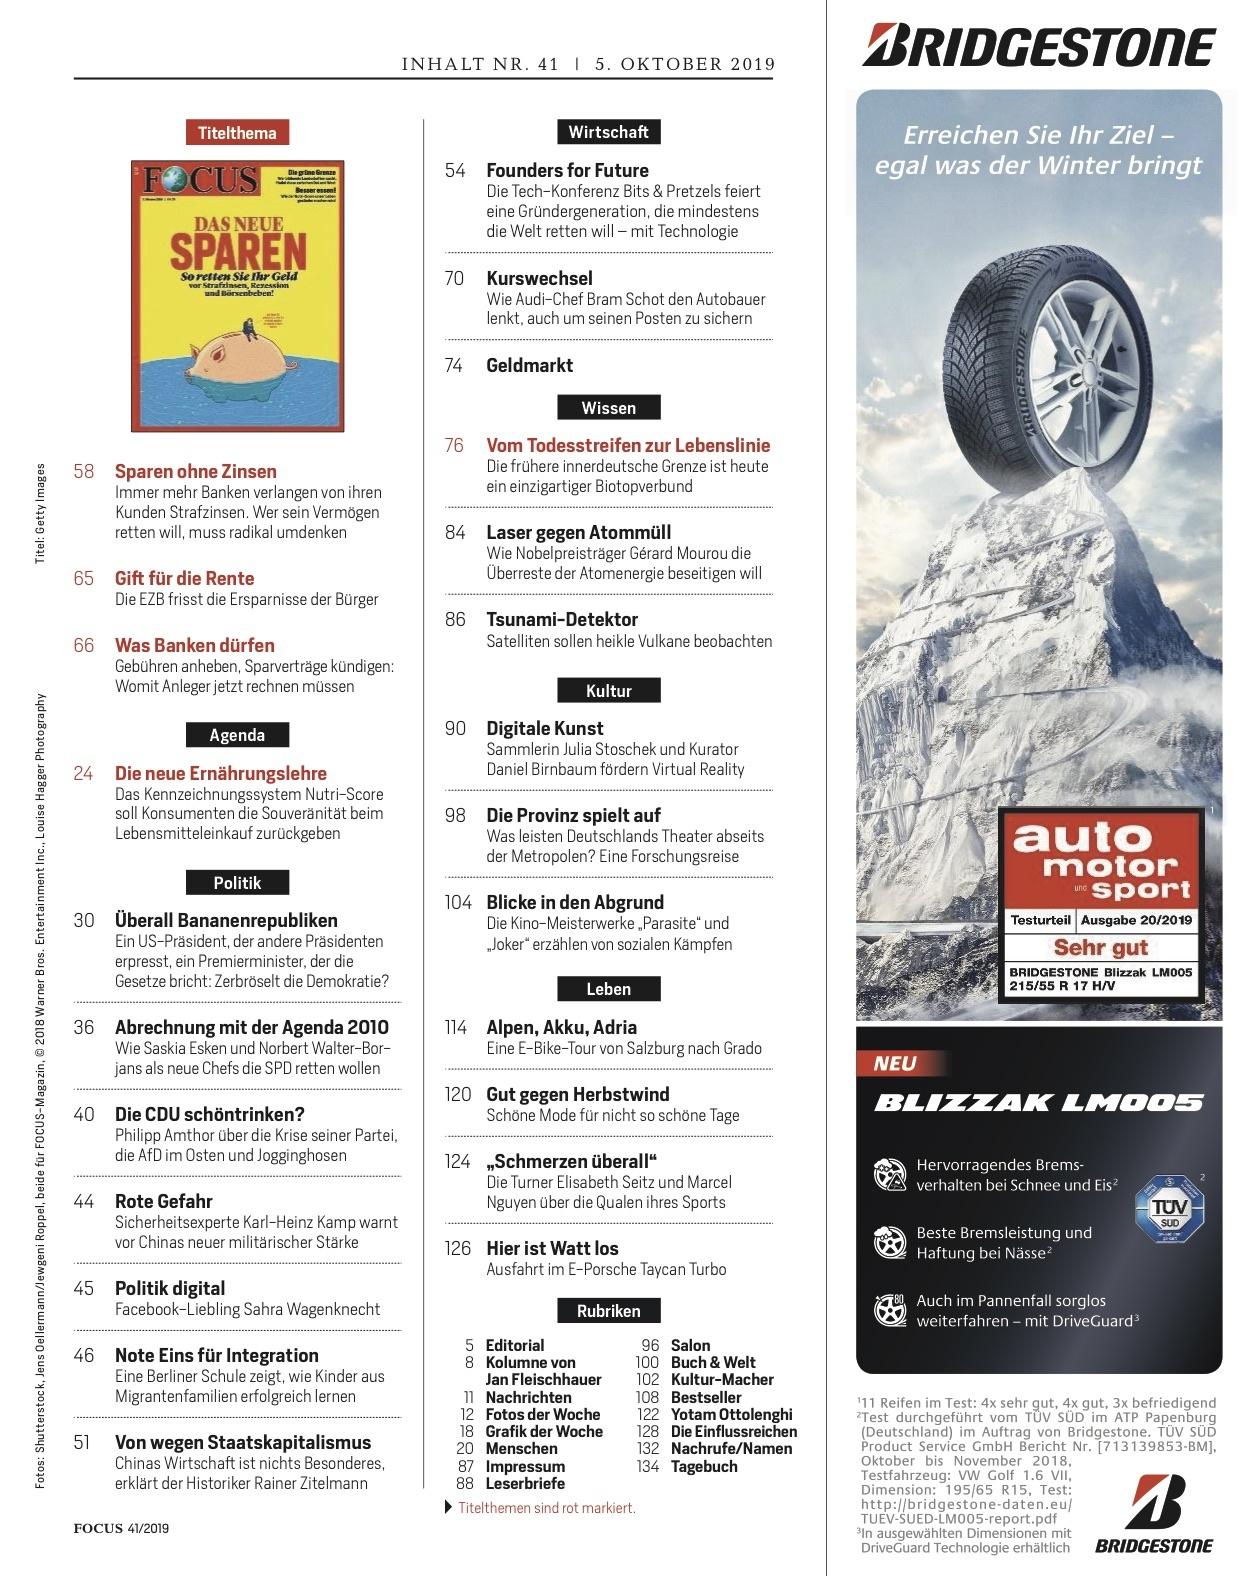 FOCUS Magazin FOCUS Magazin - Das neue Sparen